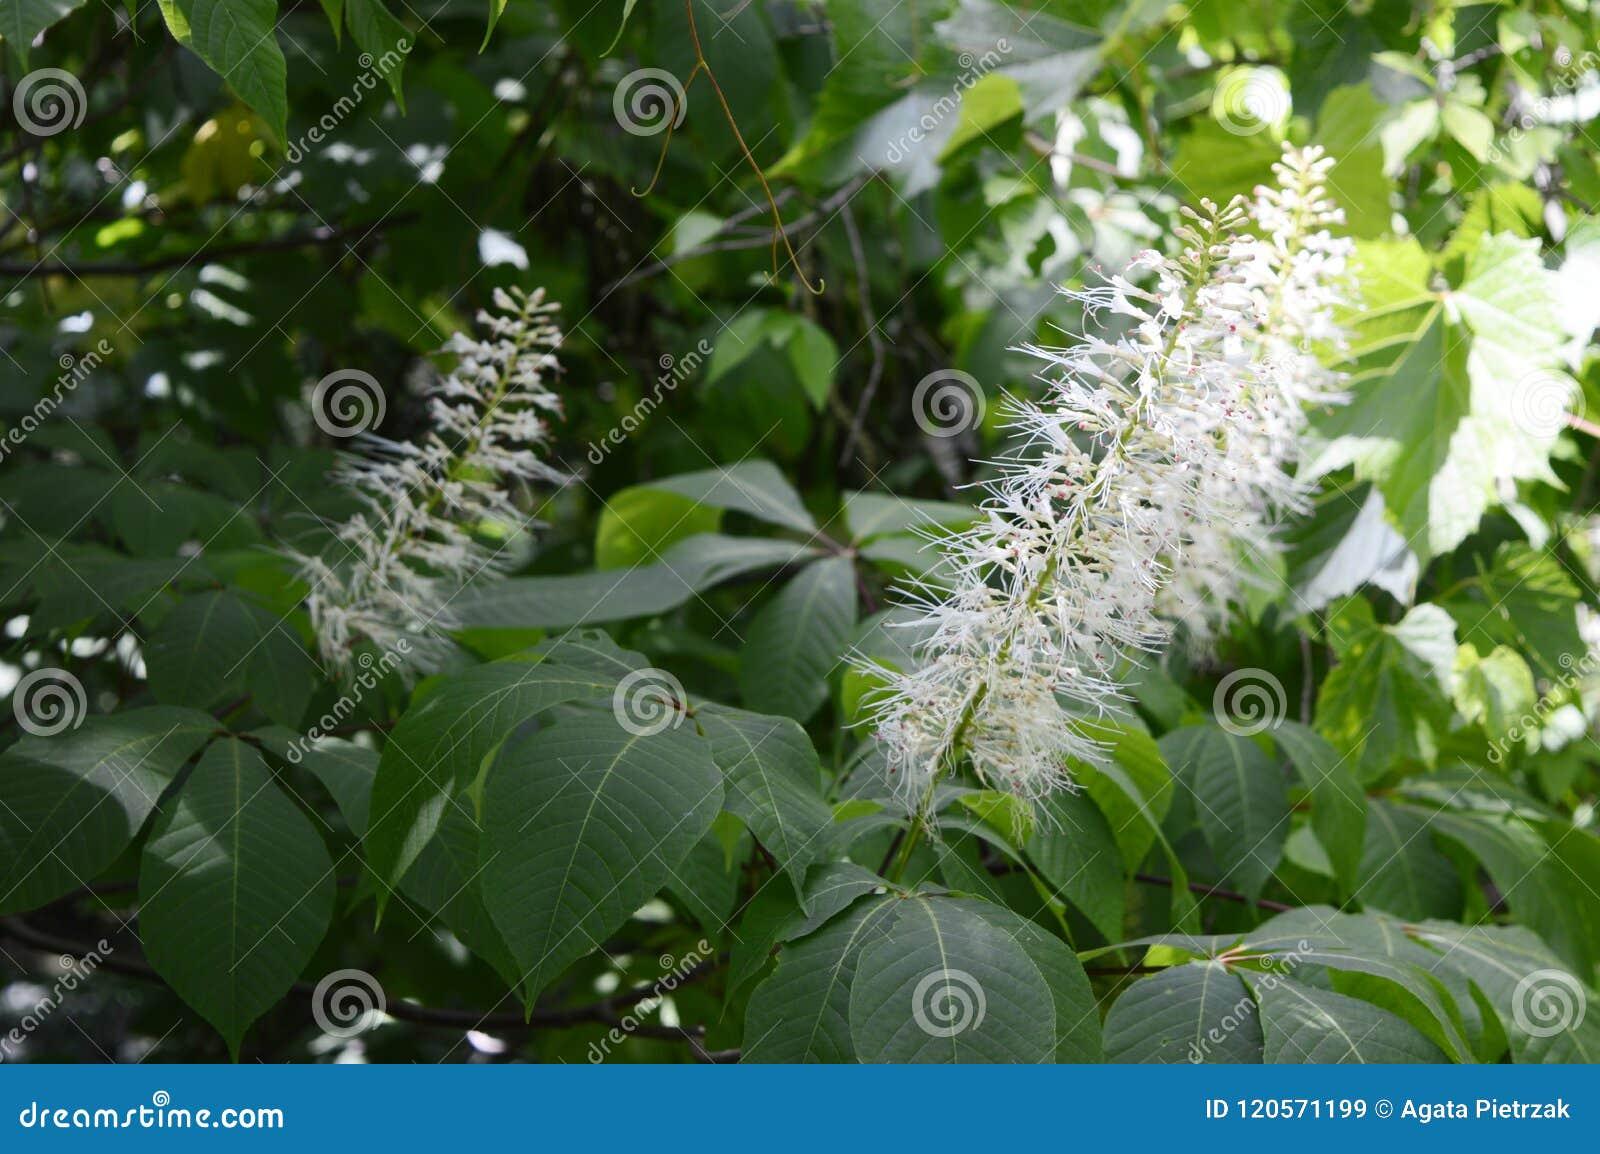 Blancas en de hojas indias castaño